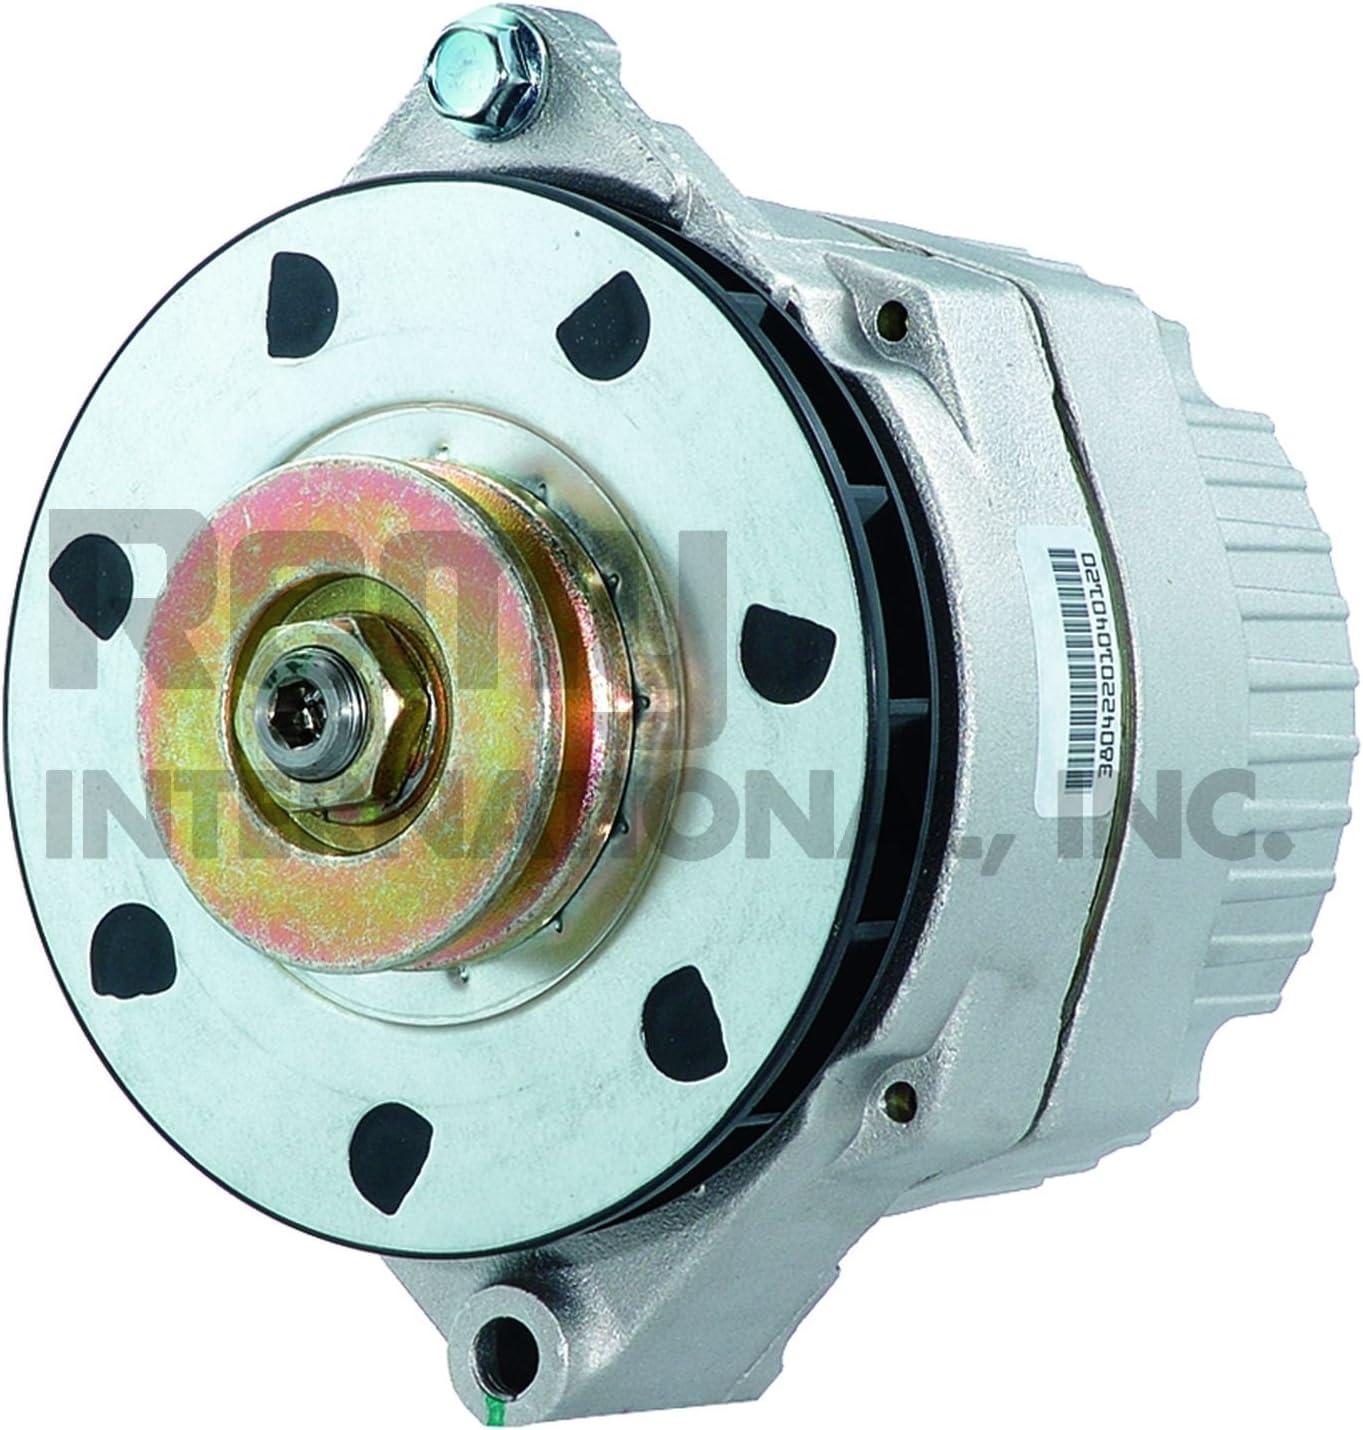 Fuel Pump and Strainer Set DENSO 950-0229 fits 08-14 Scion xB 2.4L-L4